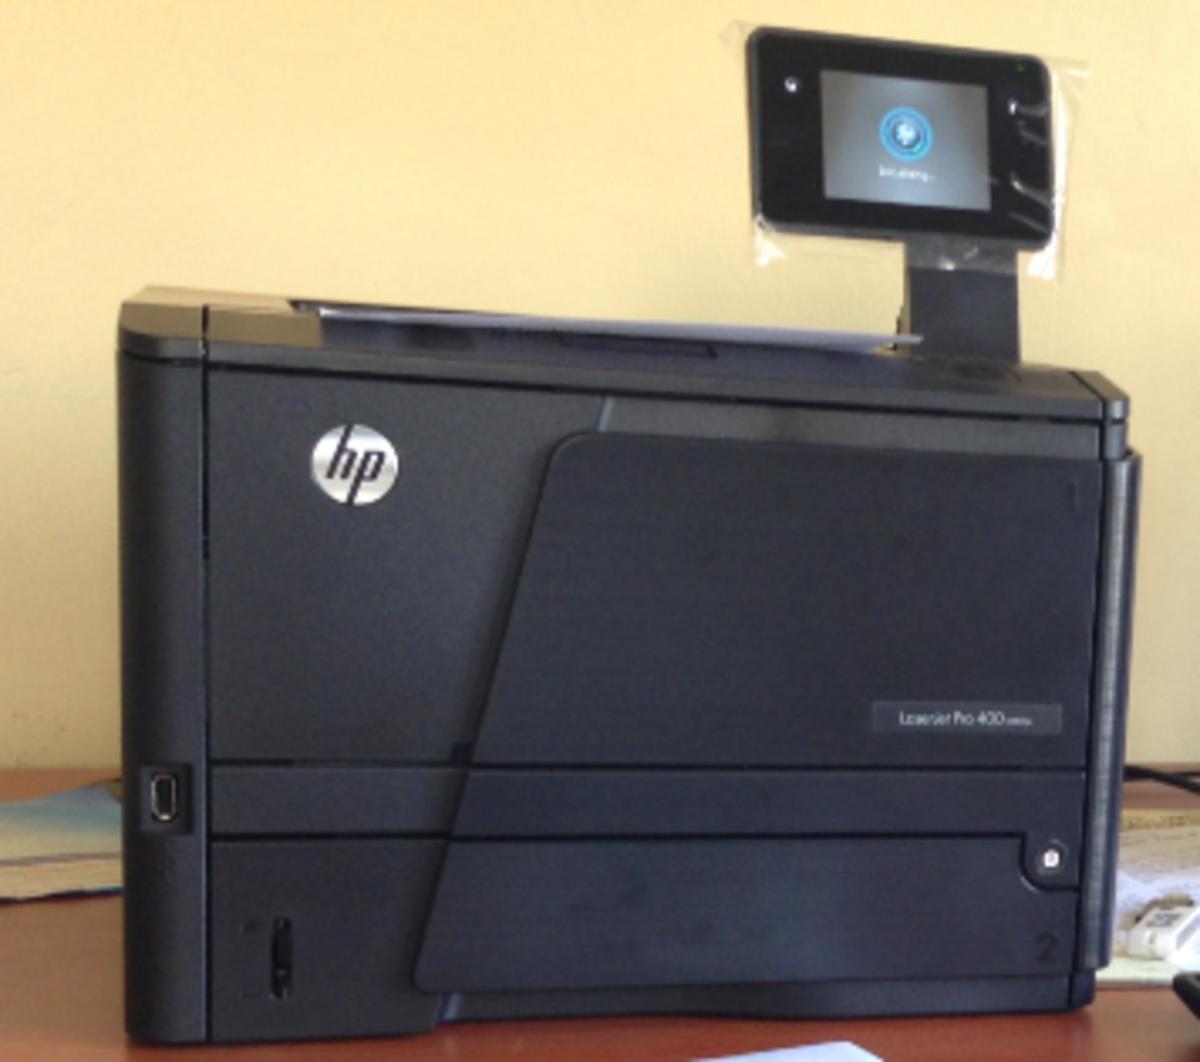 An HP Laserjet printer